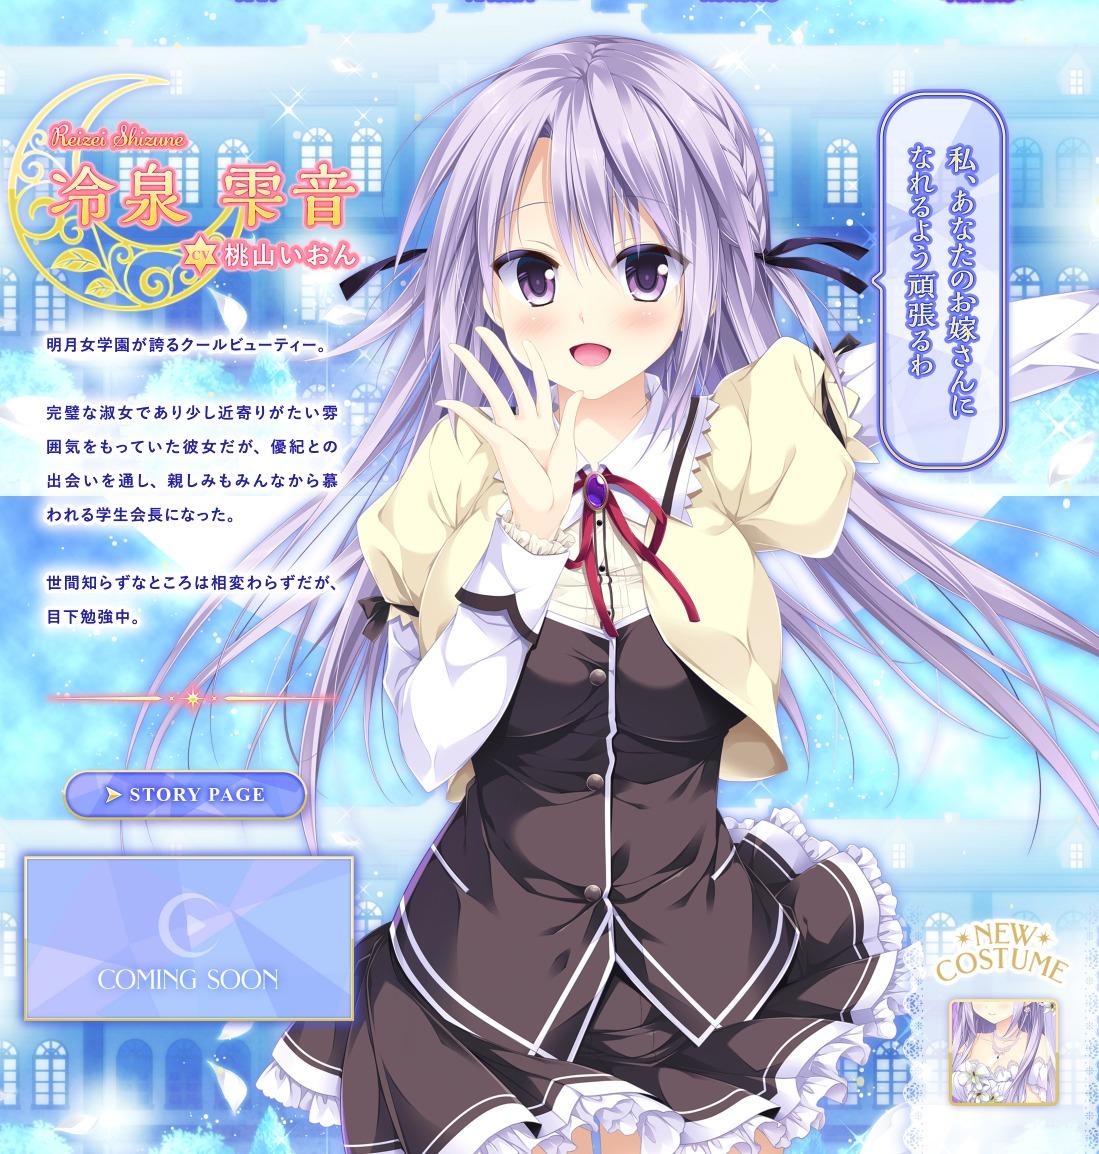 乙女が結ぶ月夜の煌めき Fullmoon Days 公式サイト Character:冷泉雫音